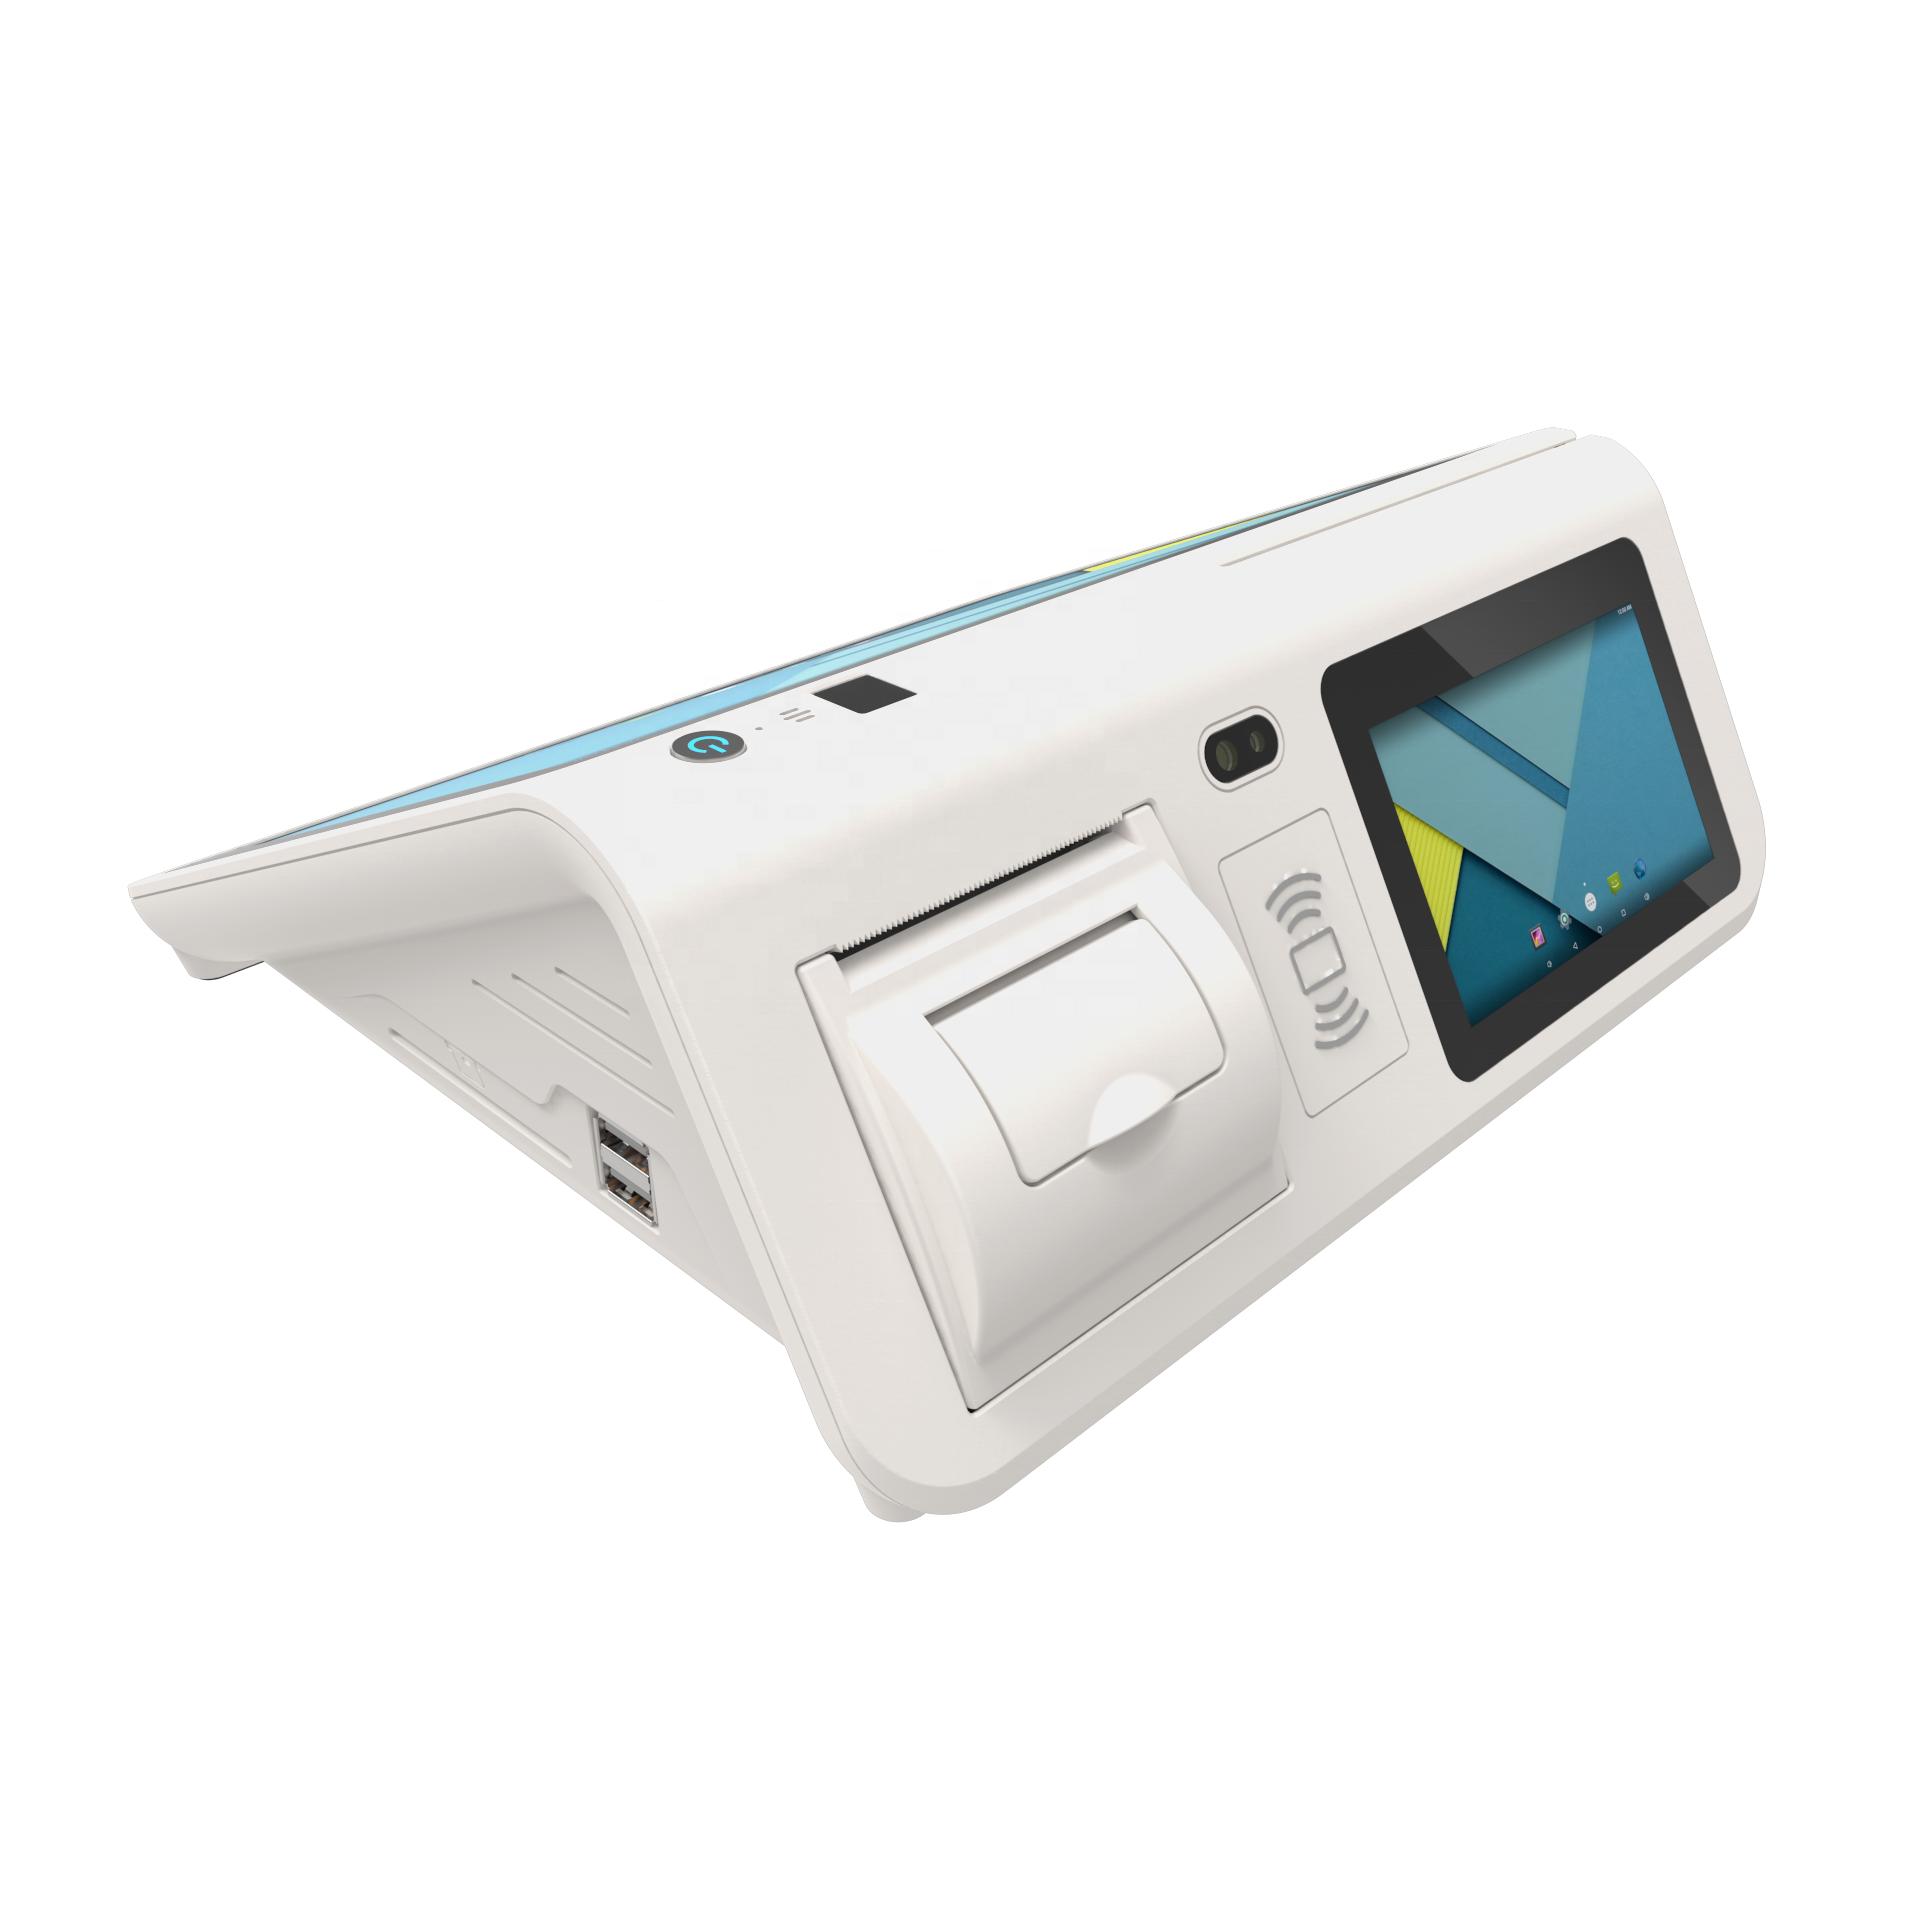 CPU Samsung POS Système De Facturation avec Affichage Client